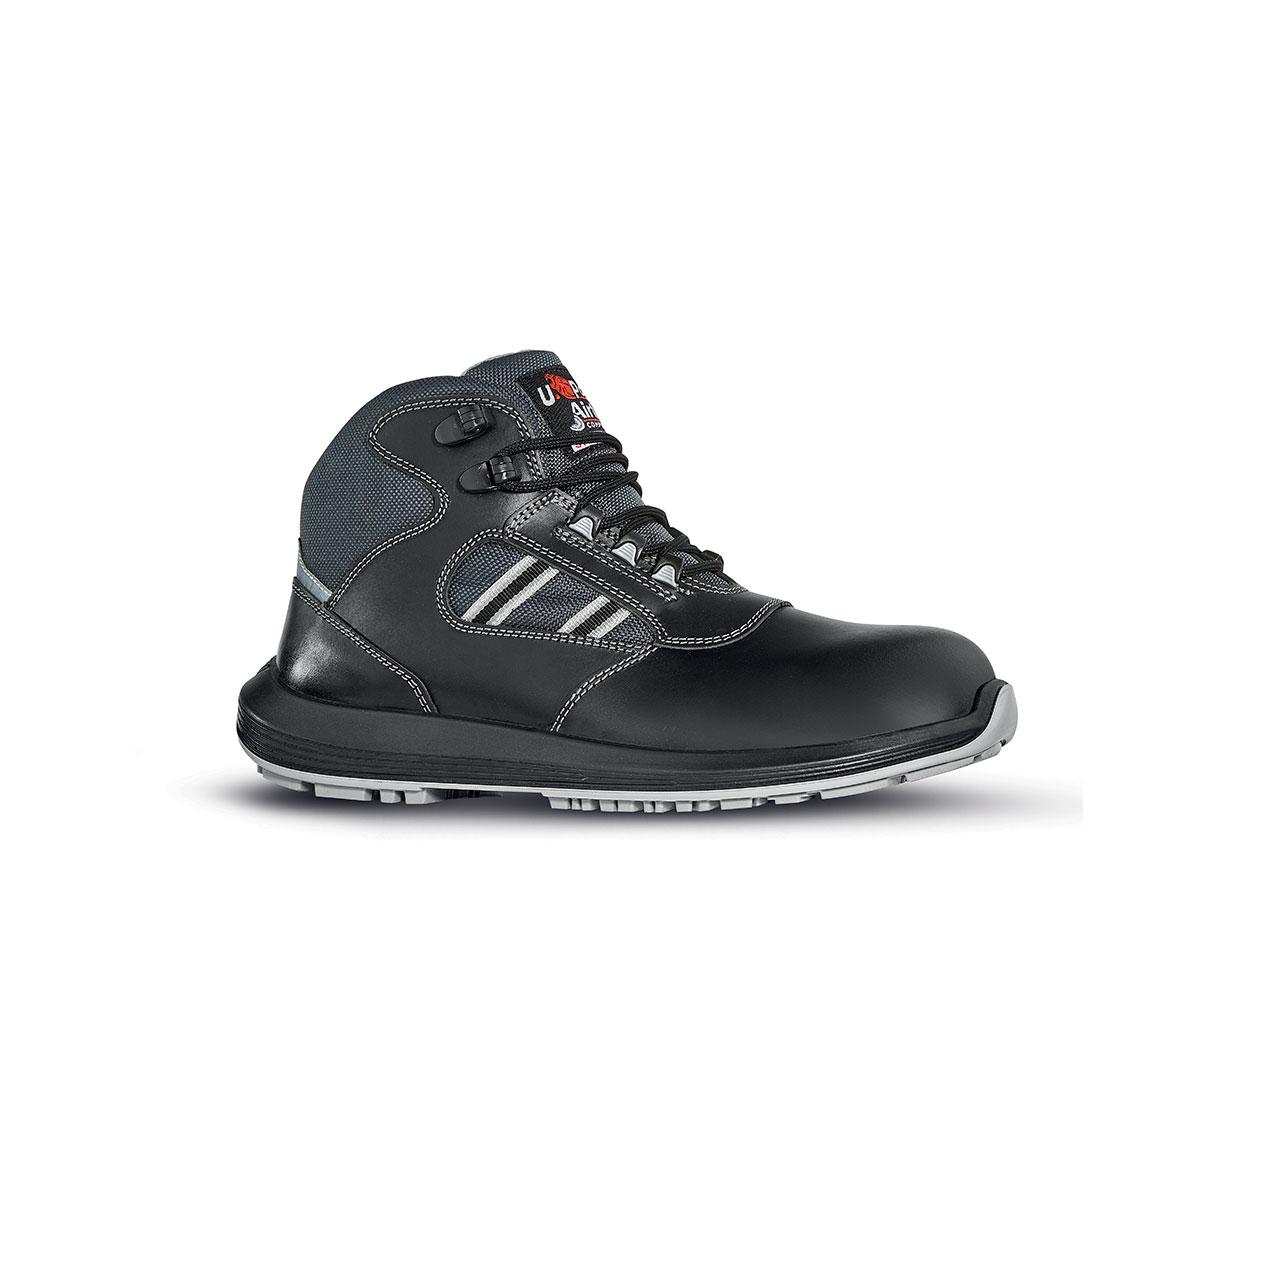 scarpa antinfortunistica upower modello gippo linea rock_roll vista laterale